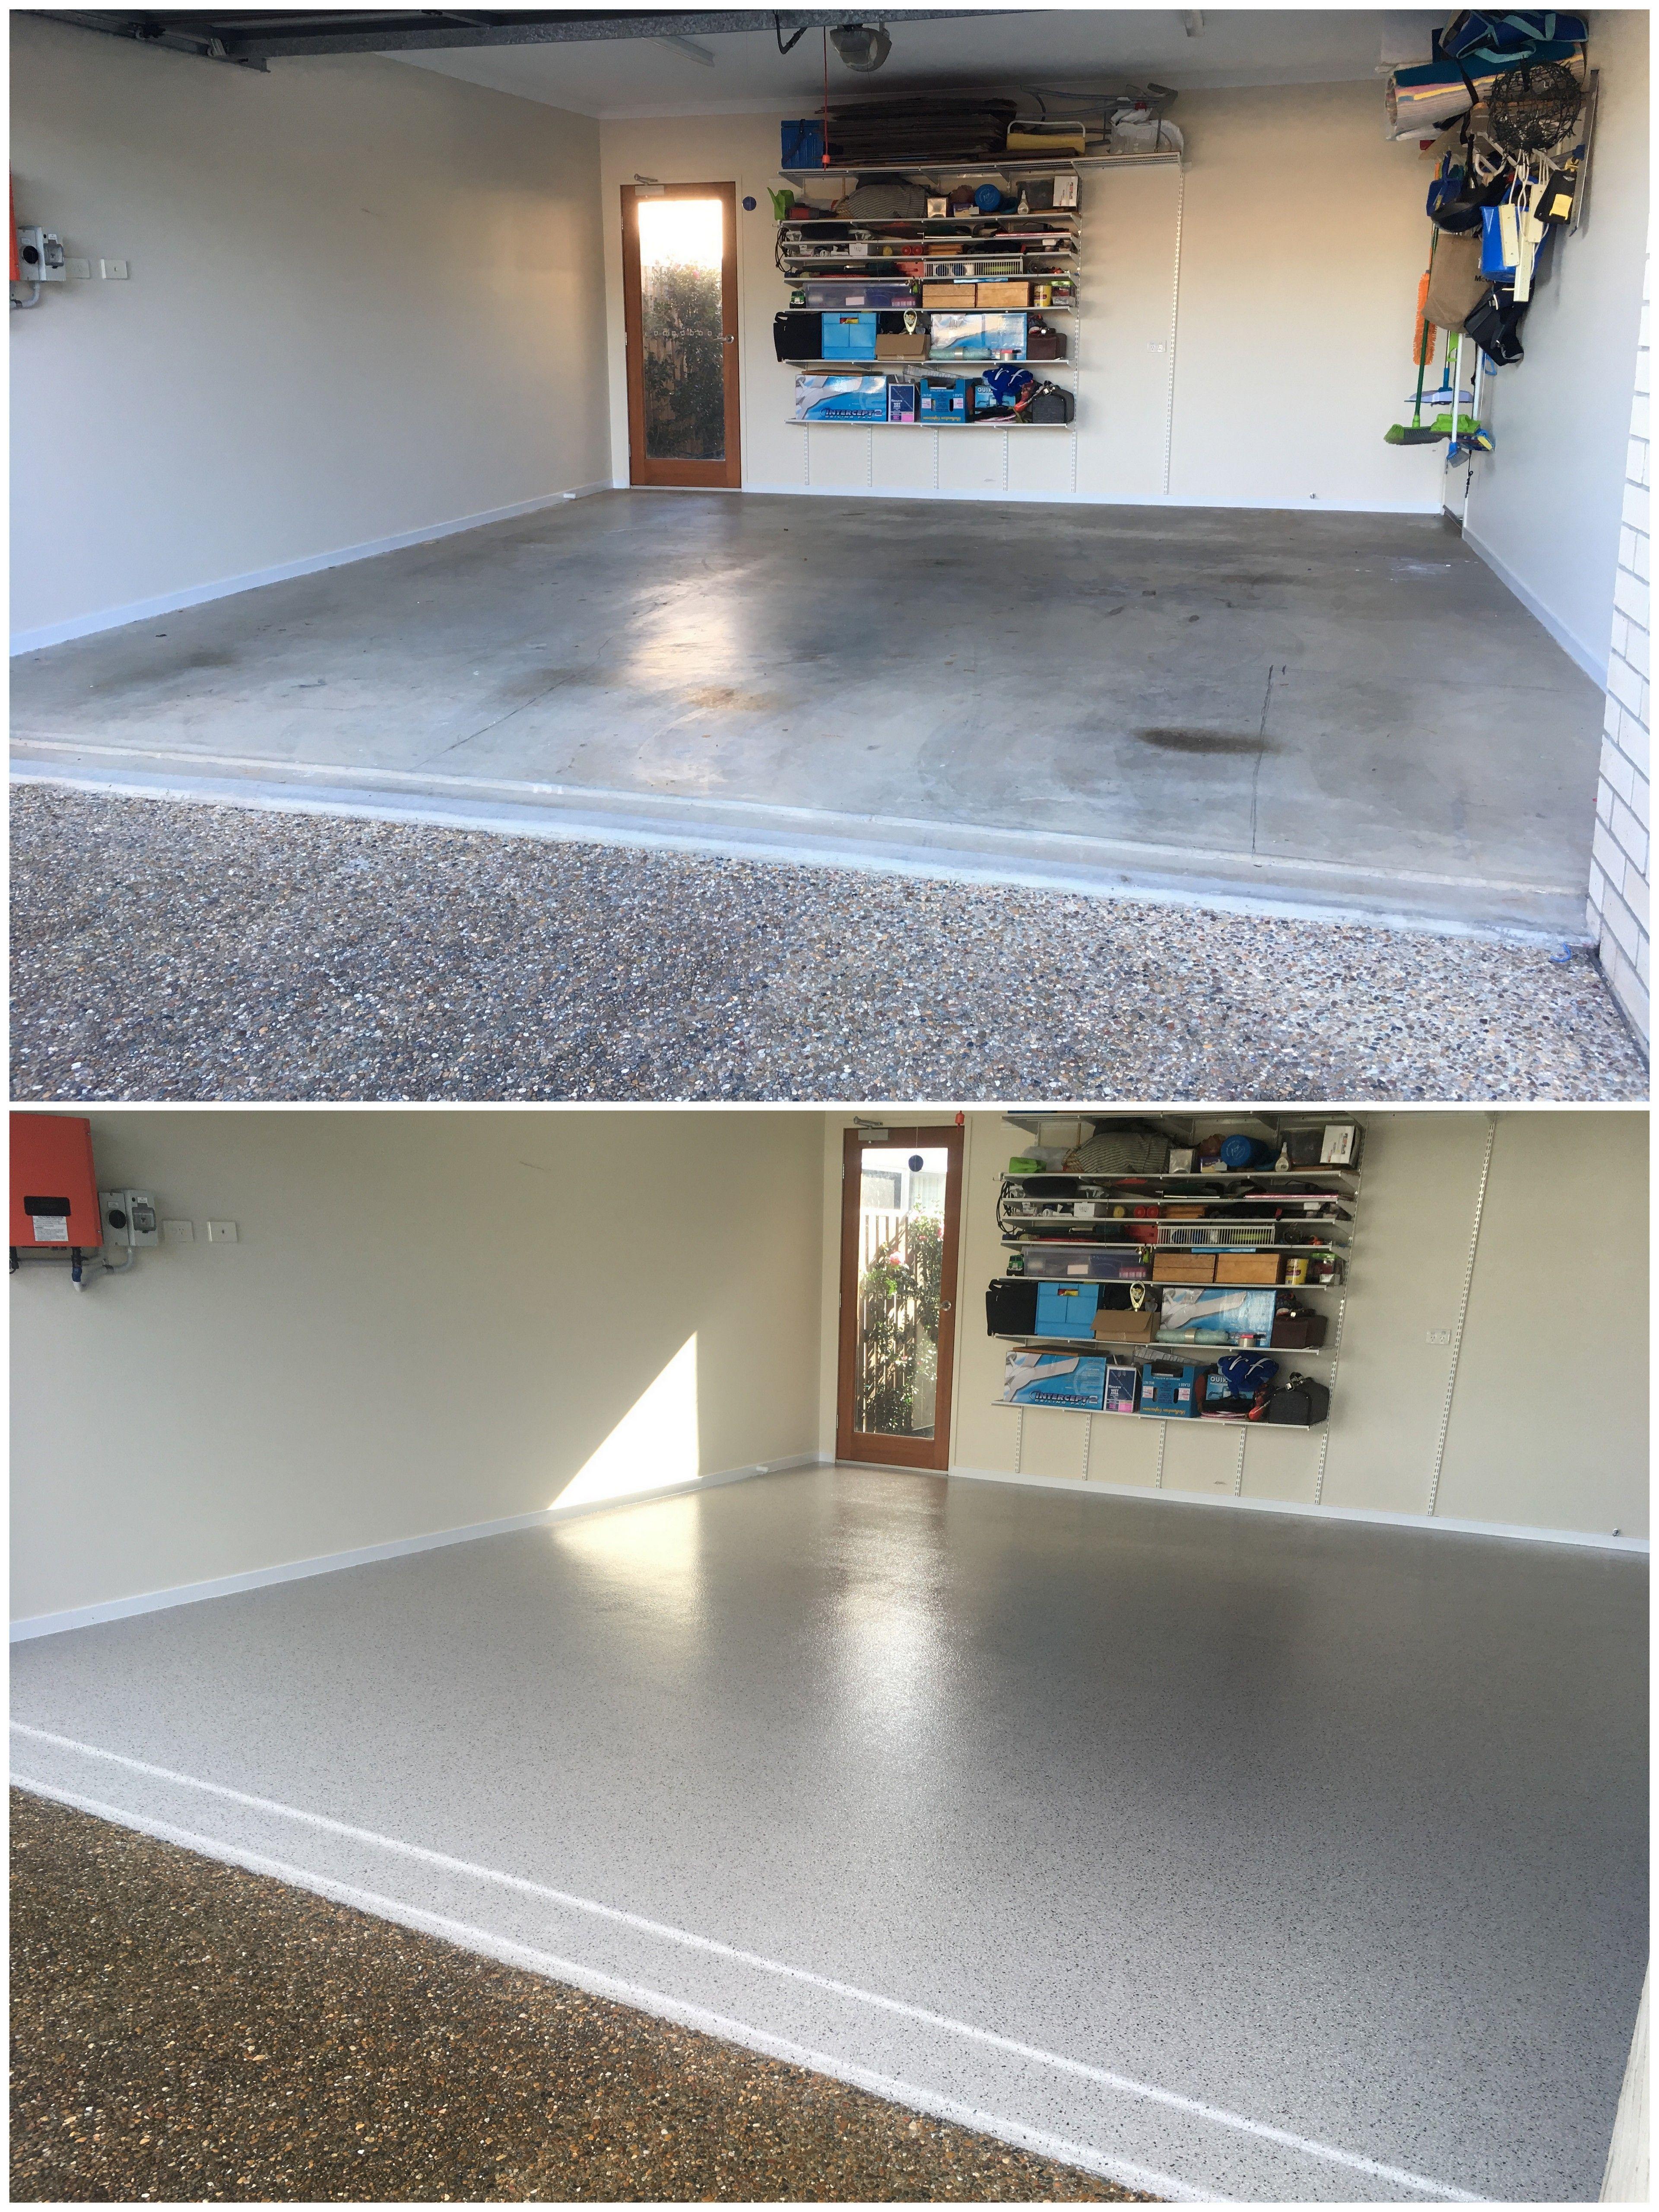 Wurtulla Epoxy Flooring The Garage Floor Co. Qualified